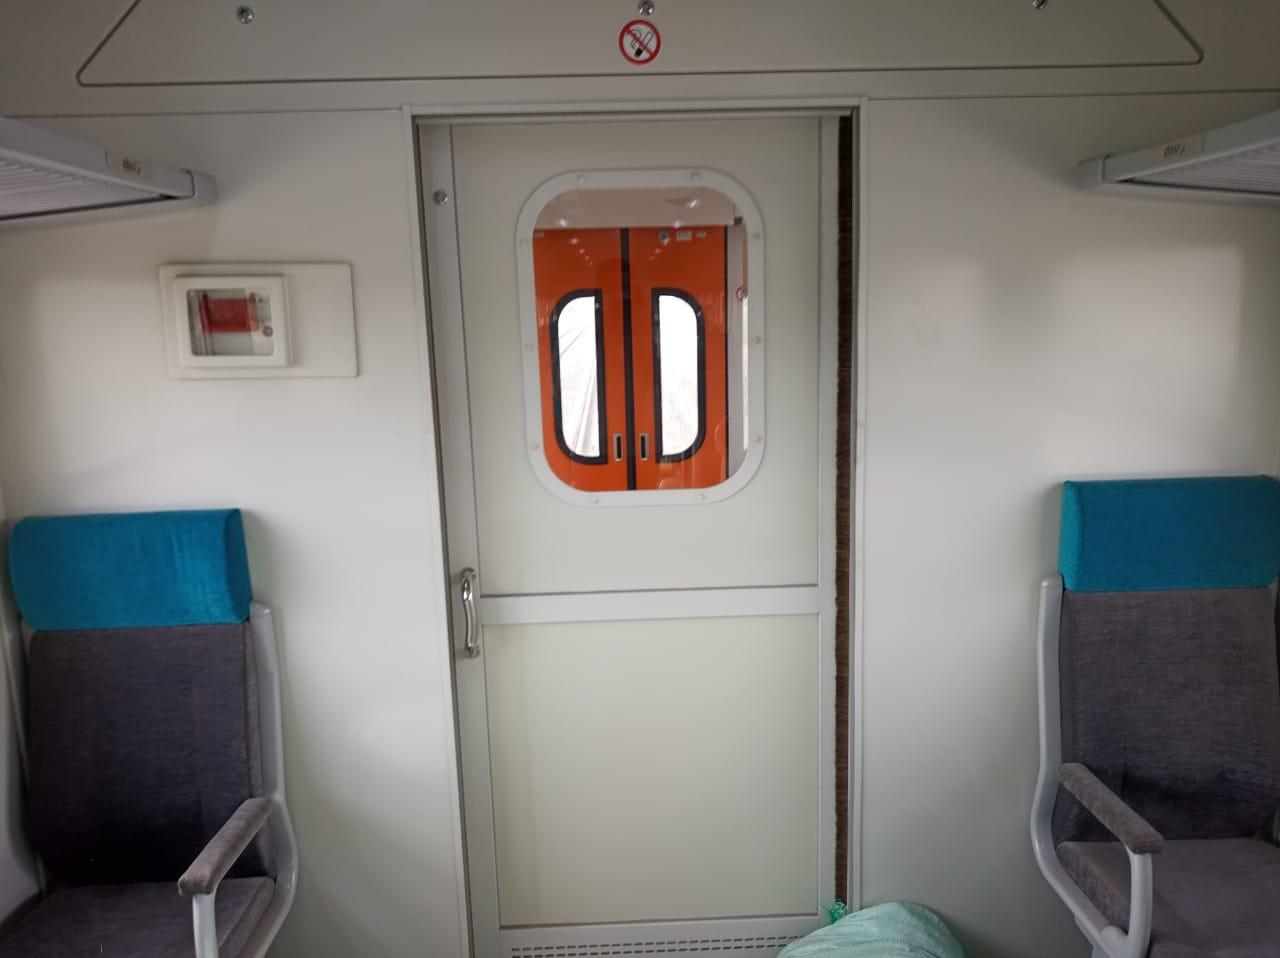 السكة الحديد تدرس تشغيل قطارات مكيفة لأول مرة على خطوط الضواحى (2)